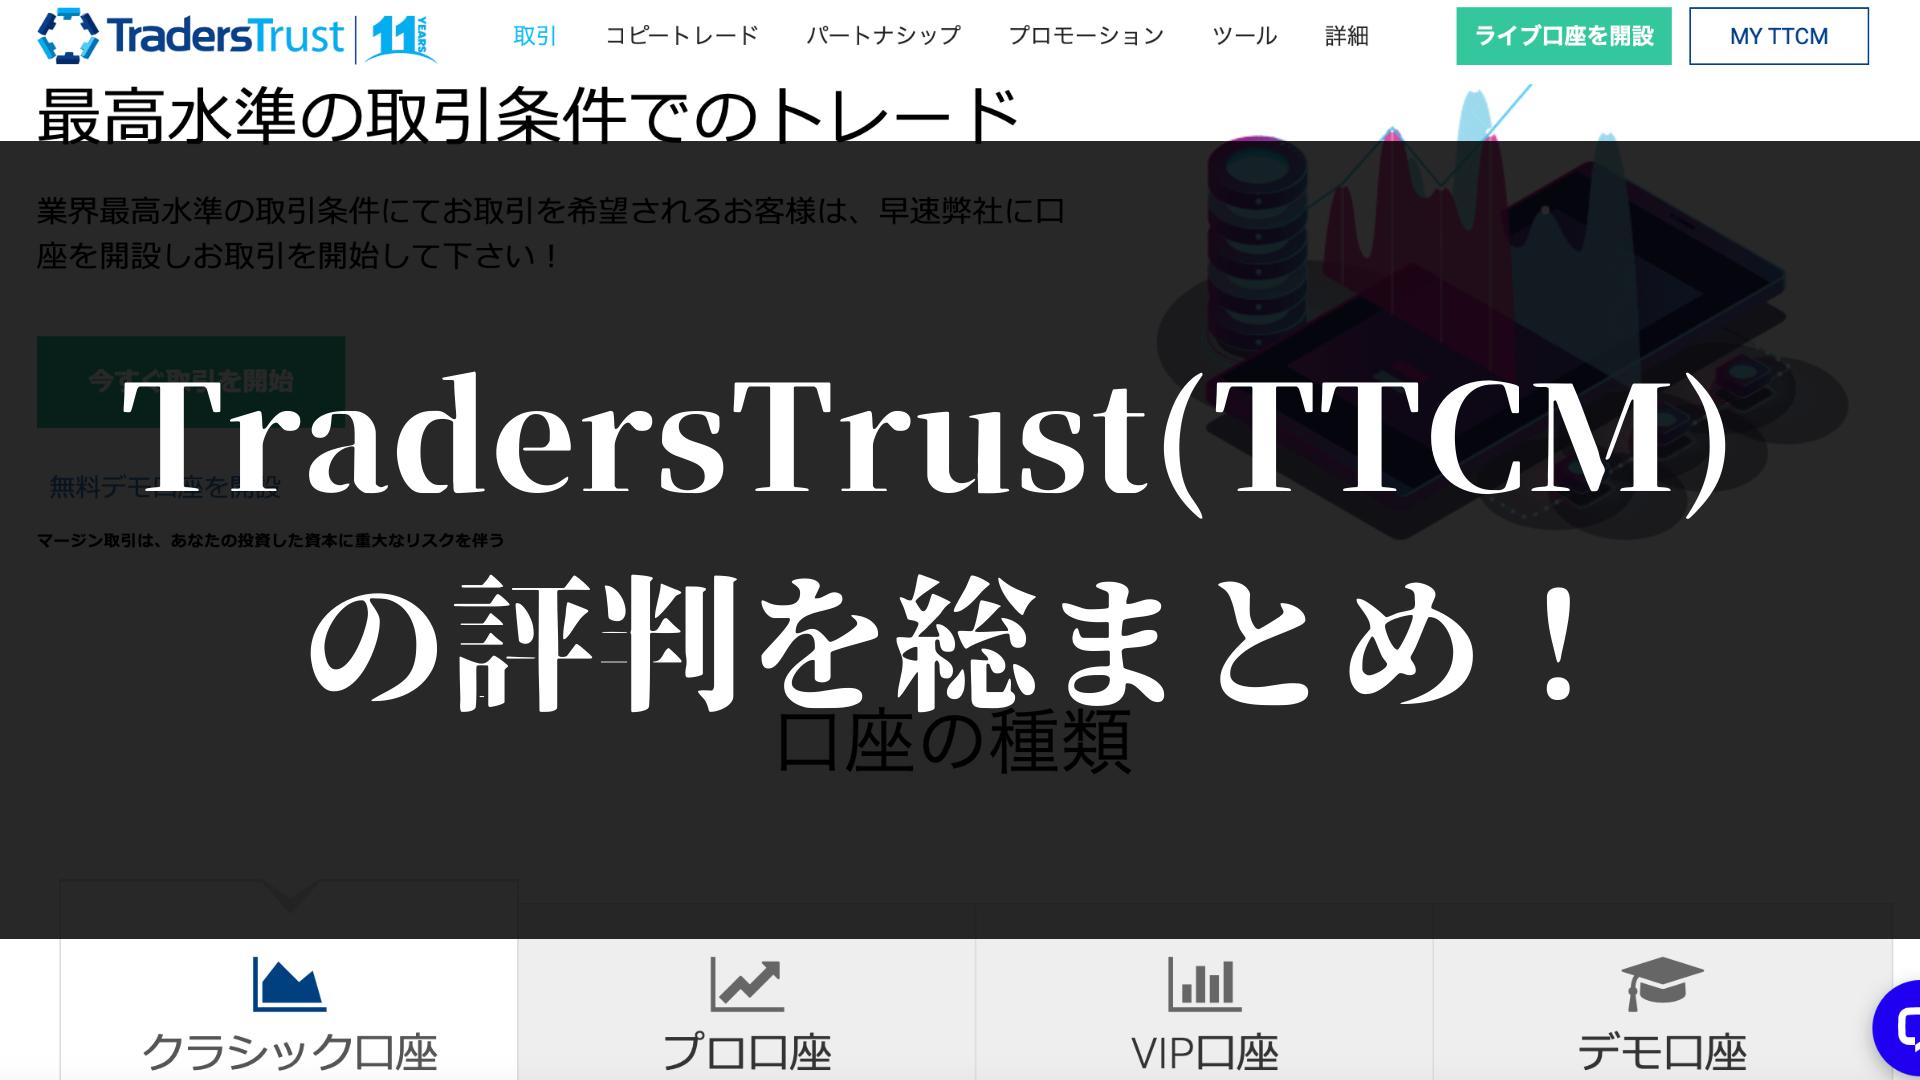 TradersTrust(TTCM)の評判・メリット・デメリットなどの特徴を総まとめ!高い透明性と豊富なボーナスが魅力の海外FX会社